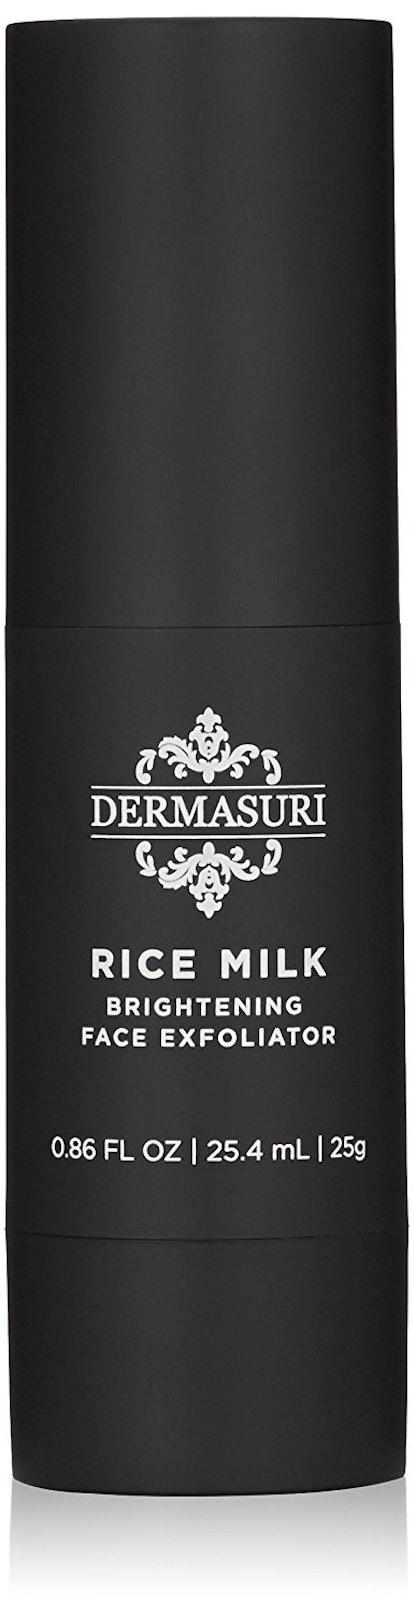 Dermasuri Rice Milk Brightening Face Exfoliator